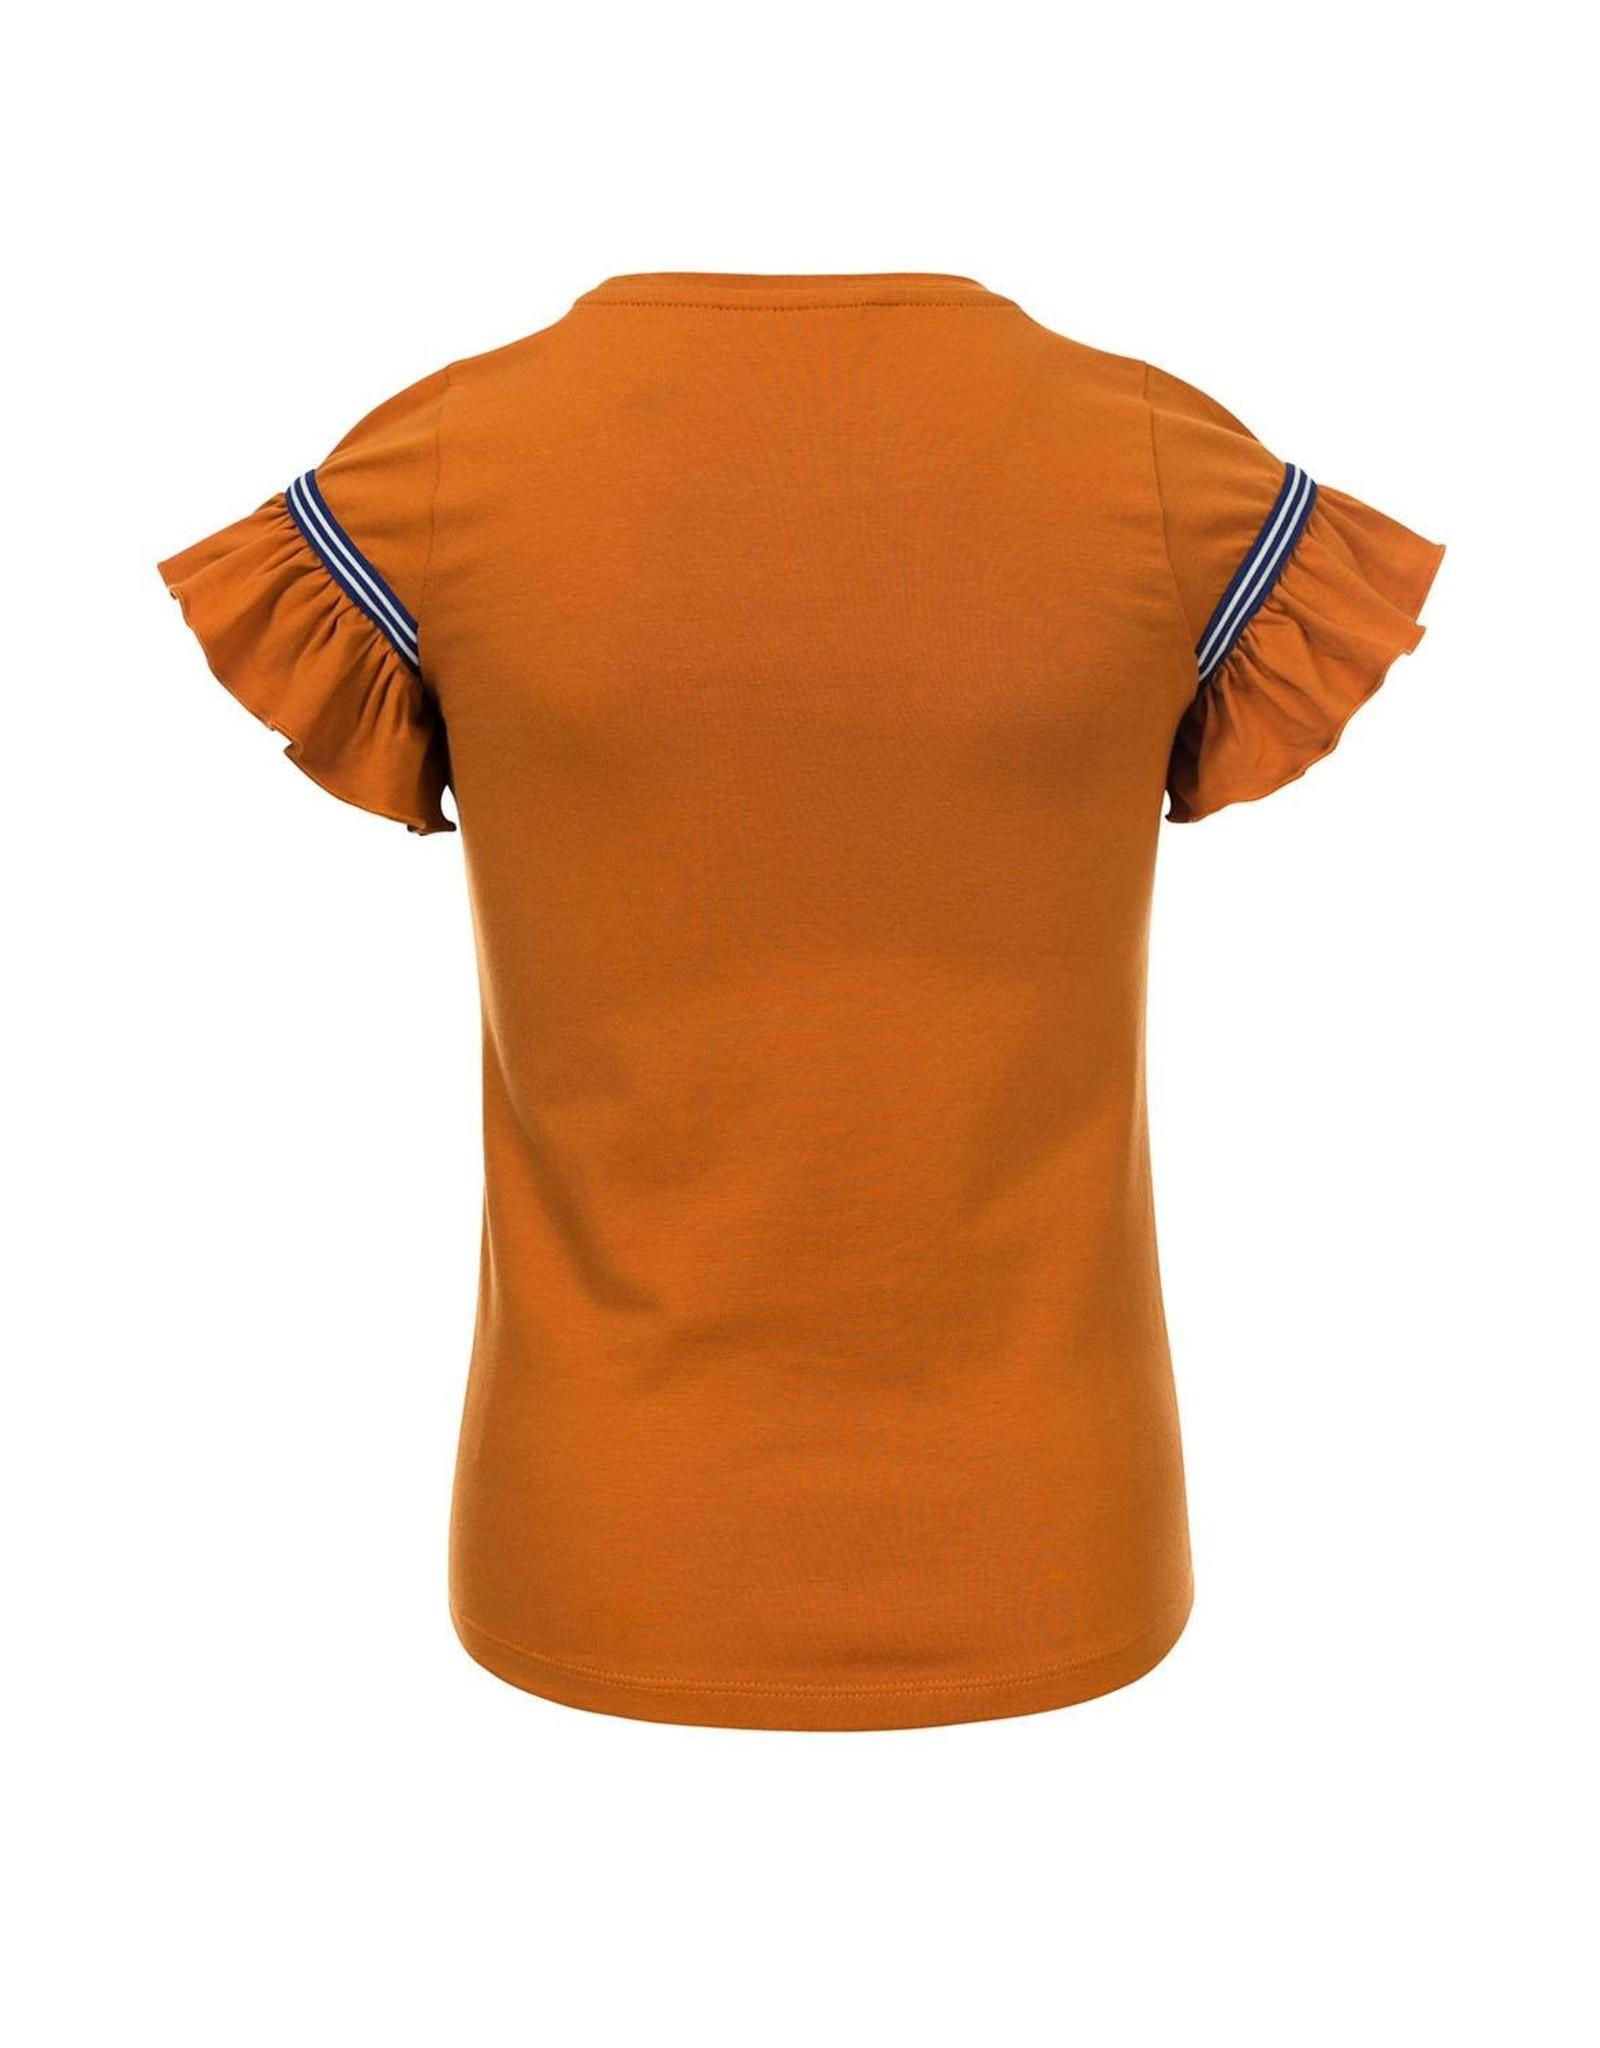 Looxs Little Little t-shirt s. sleeve ochre